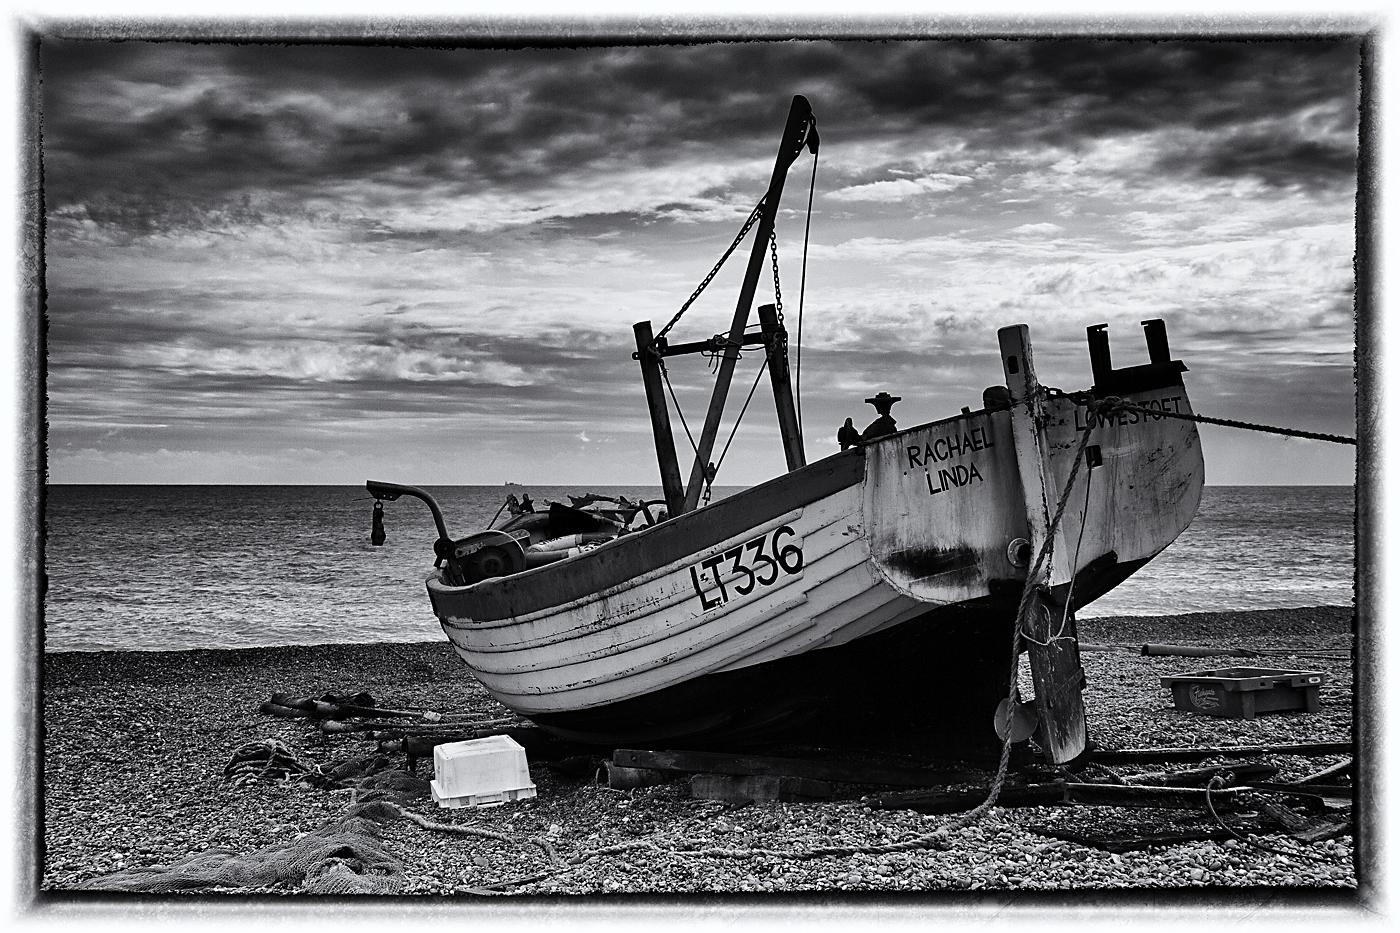 LT336 by Peter Morrish.jpg